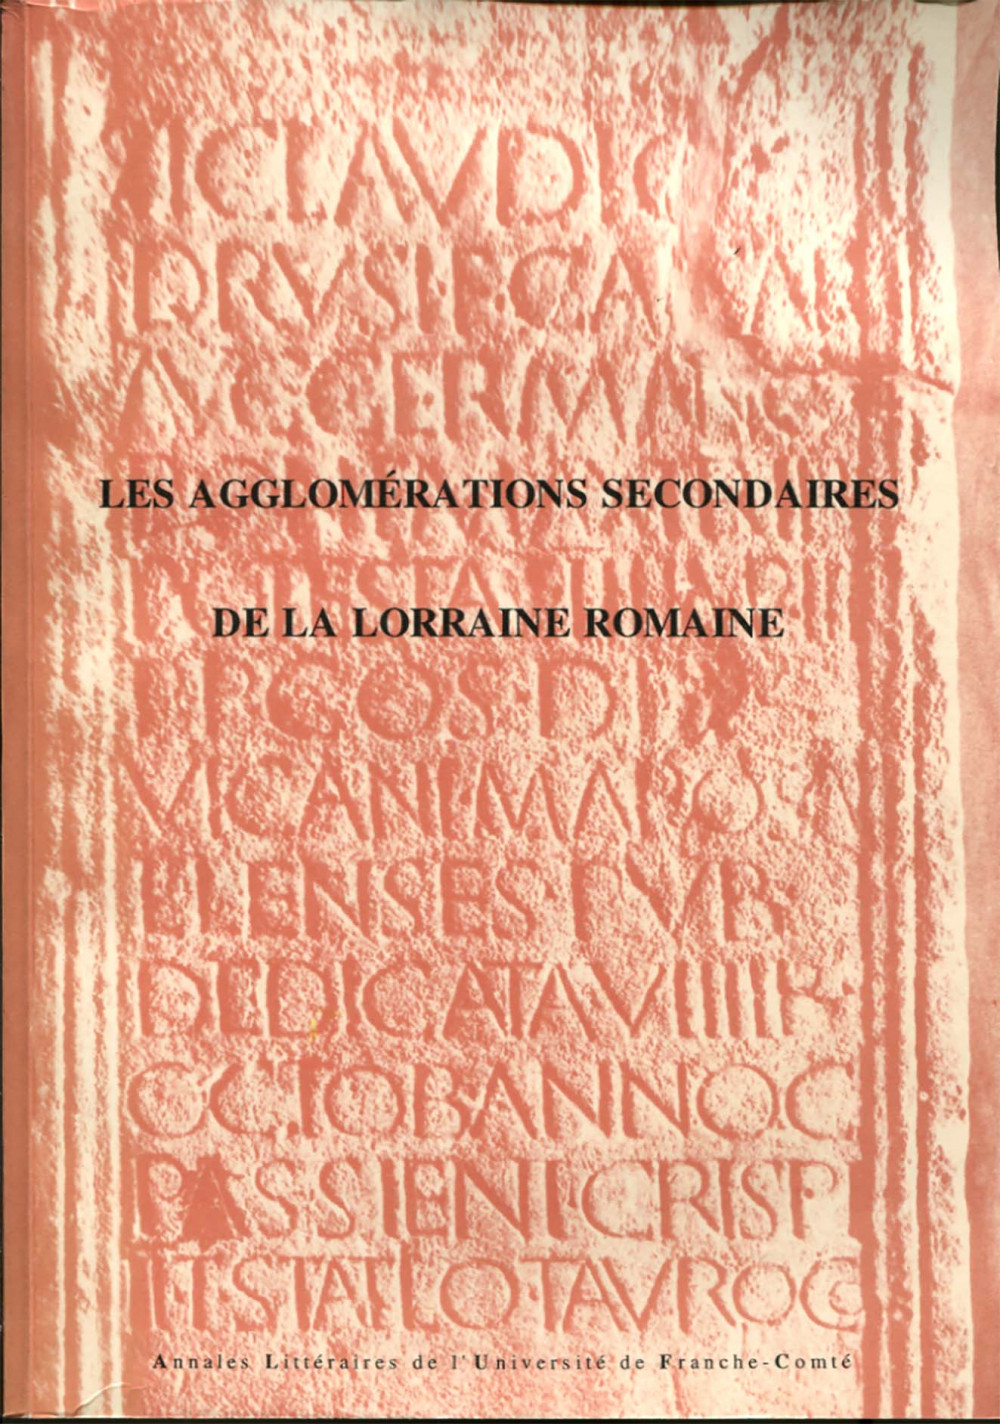 Les agglomérations secondaires de la Lorraine romaine